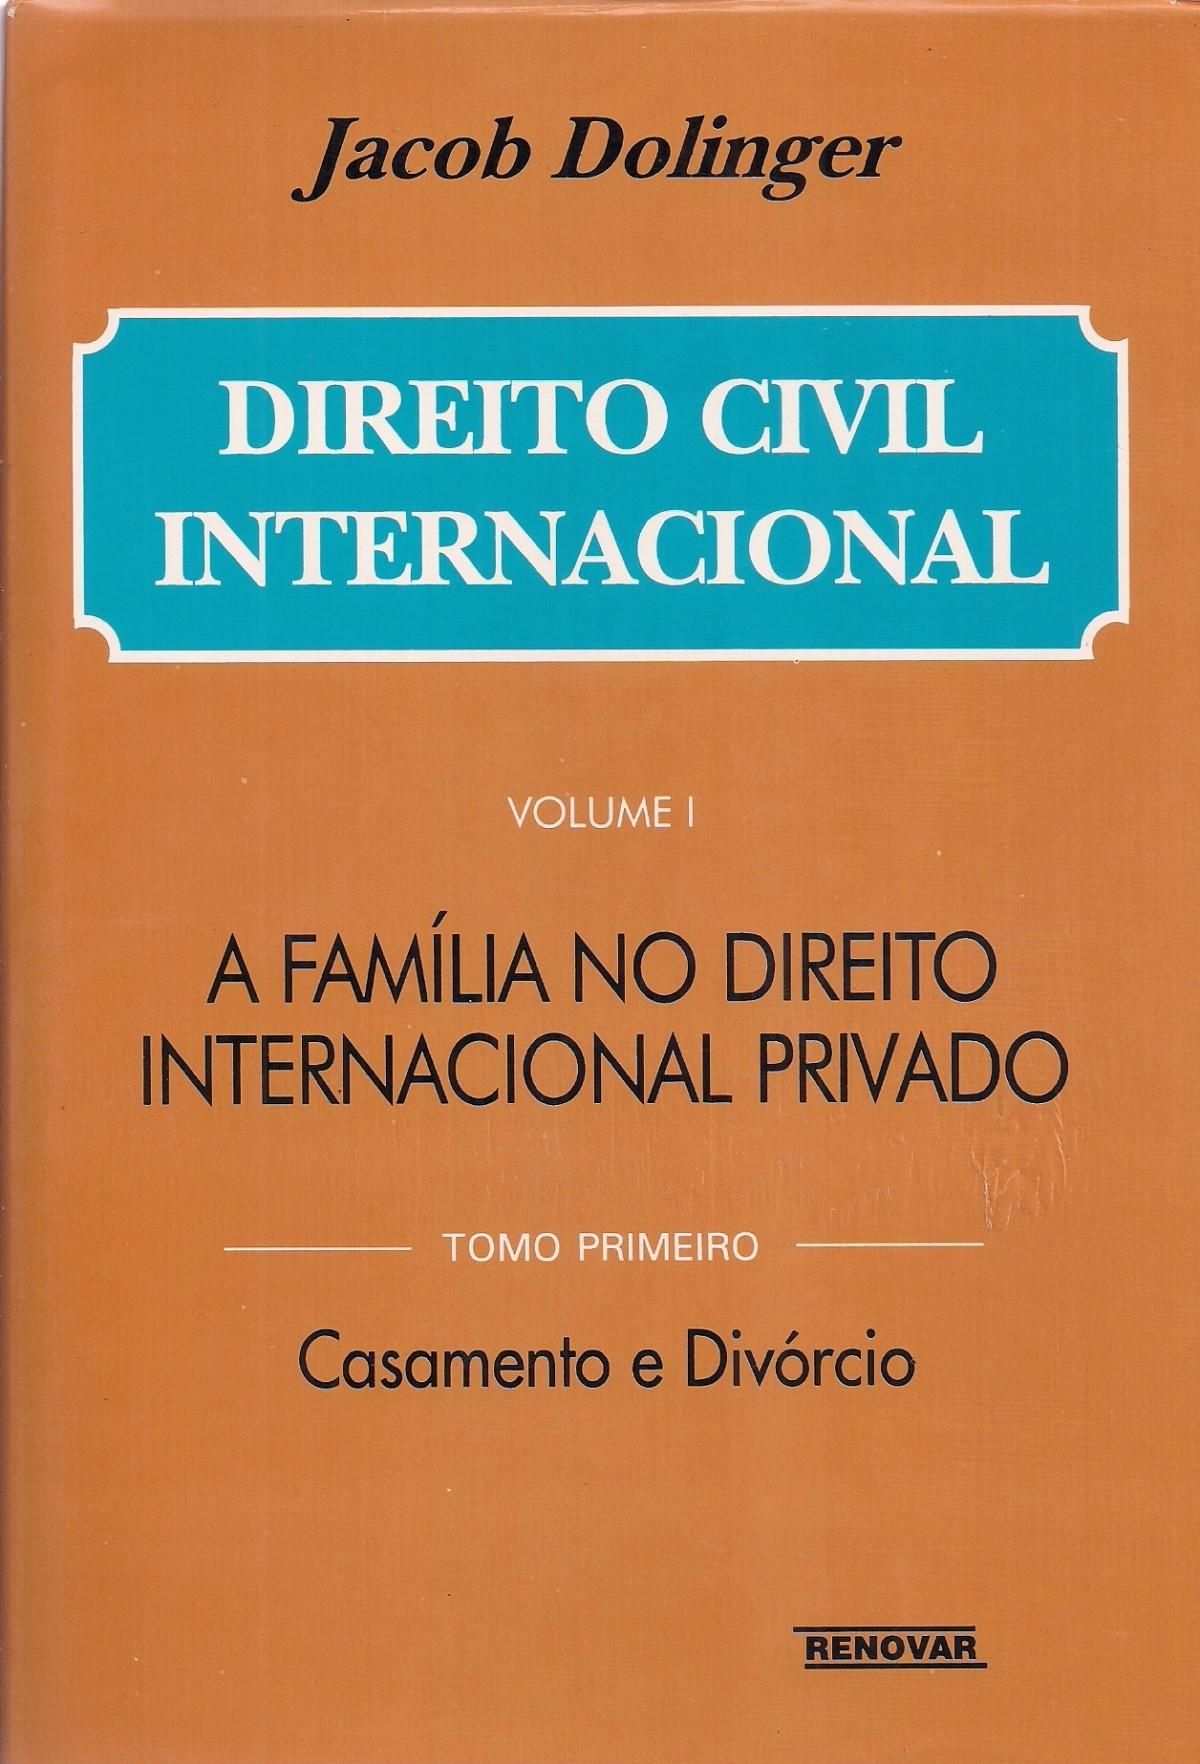 Foto 1 - Direito Civil Internacional - A família no direito internacional privado